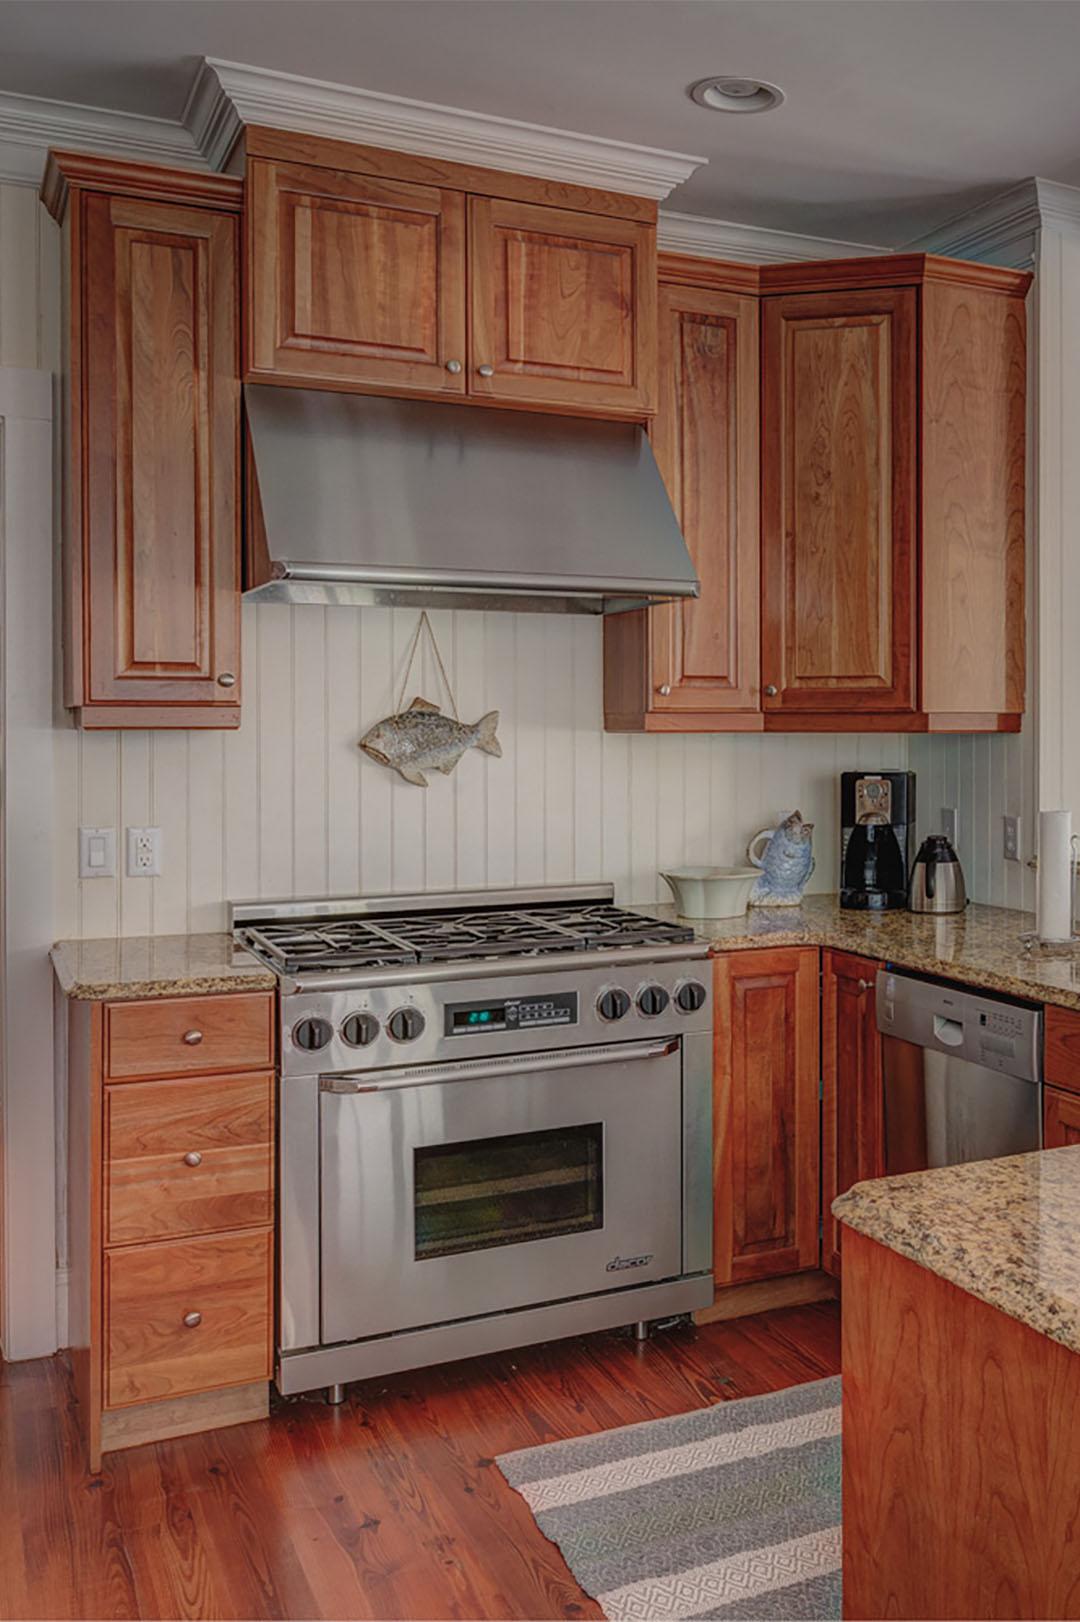 pt-080 kitchen-sink.jpg